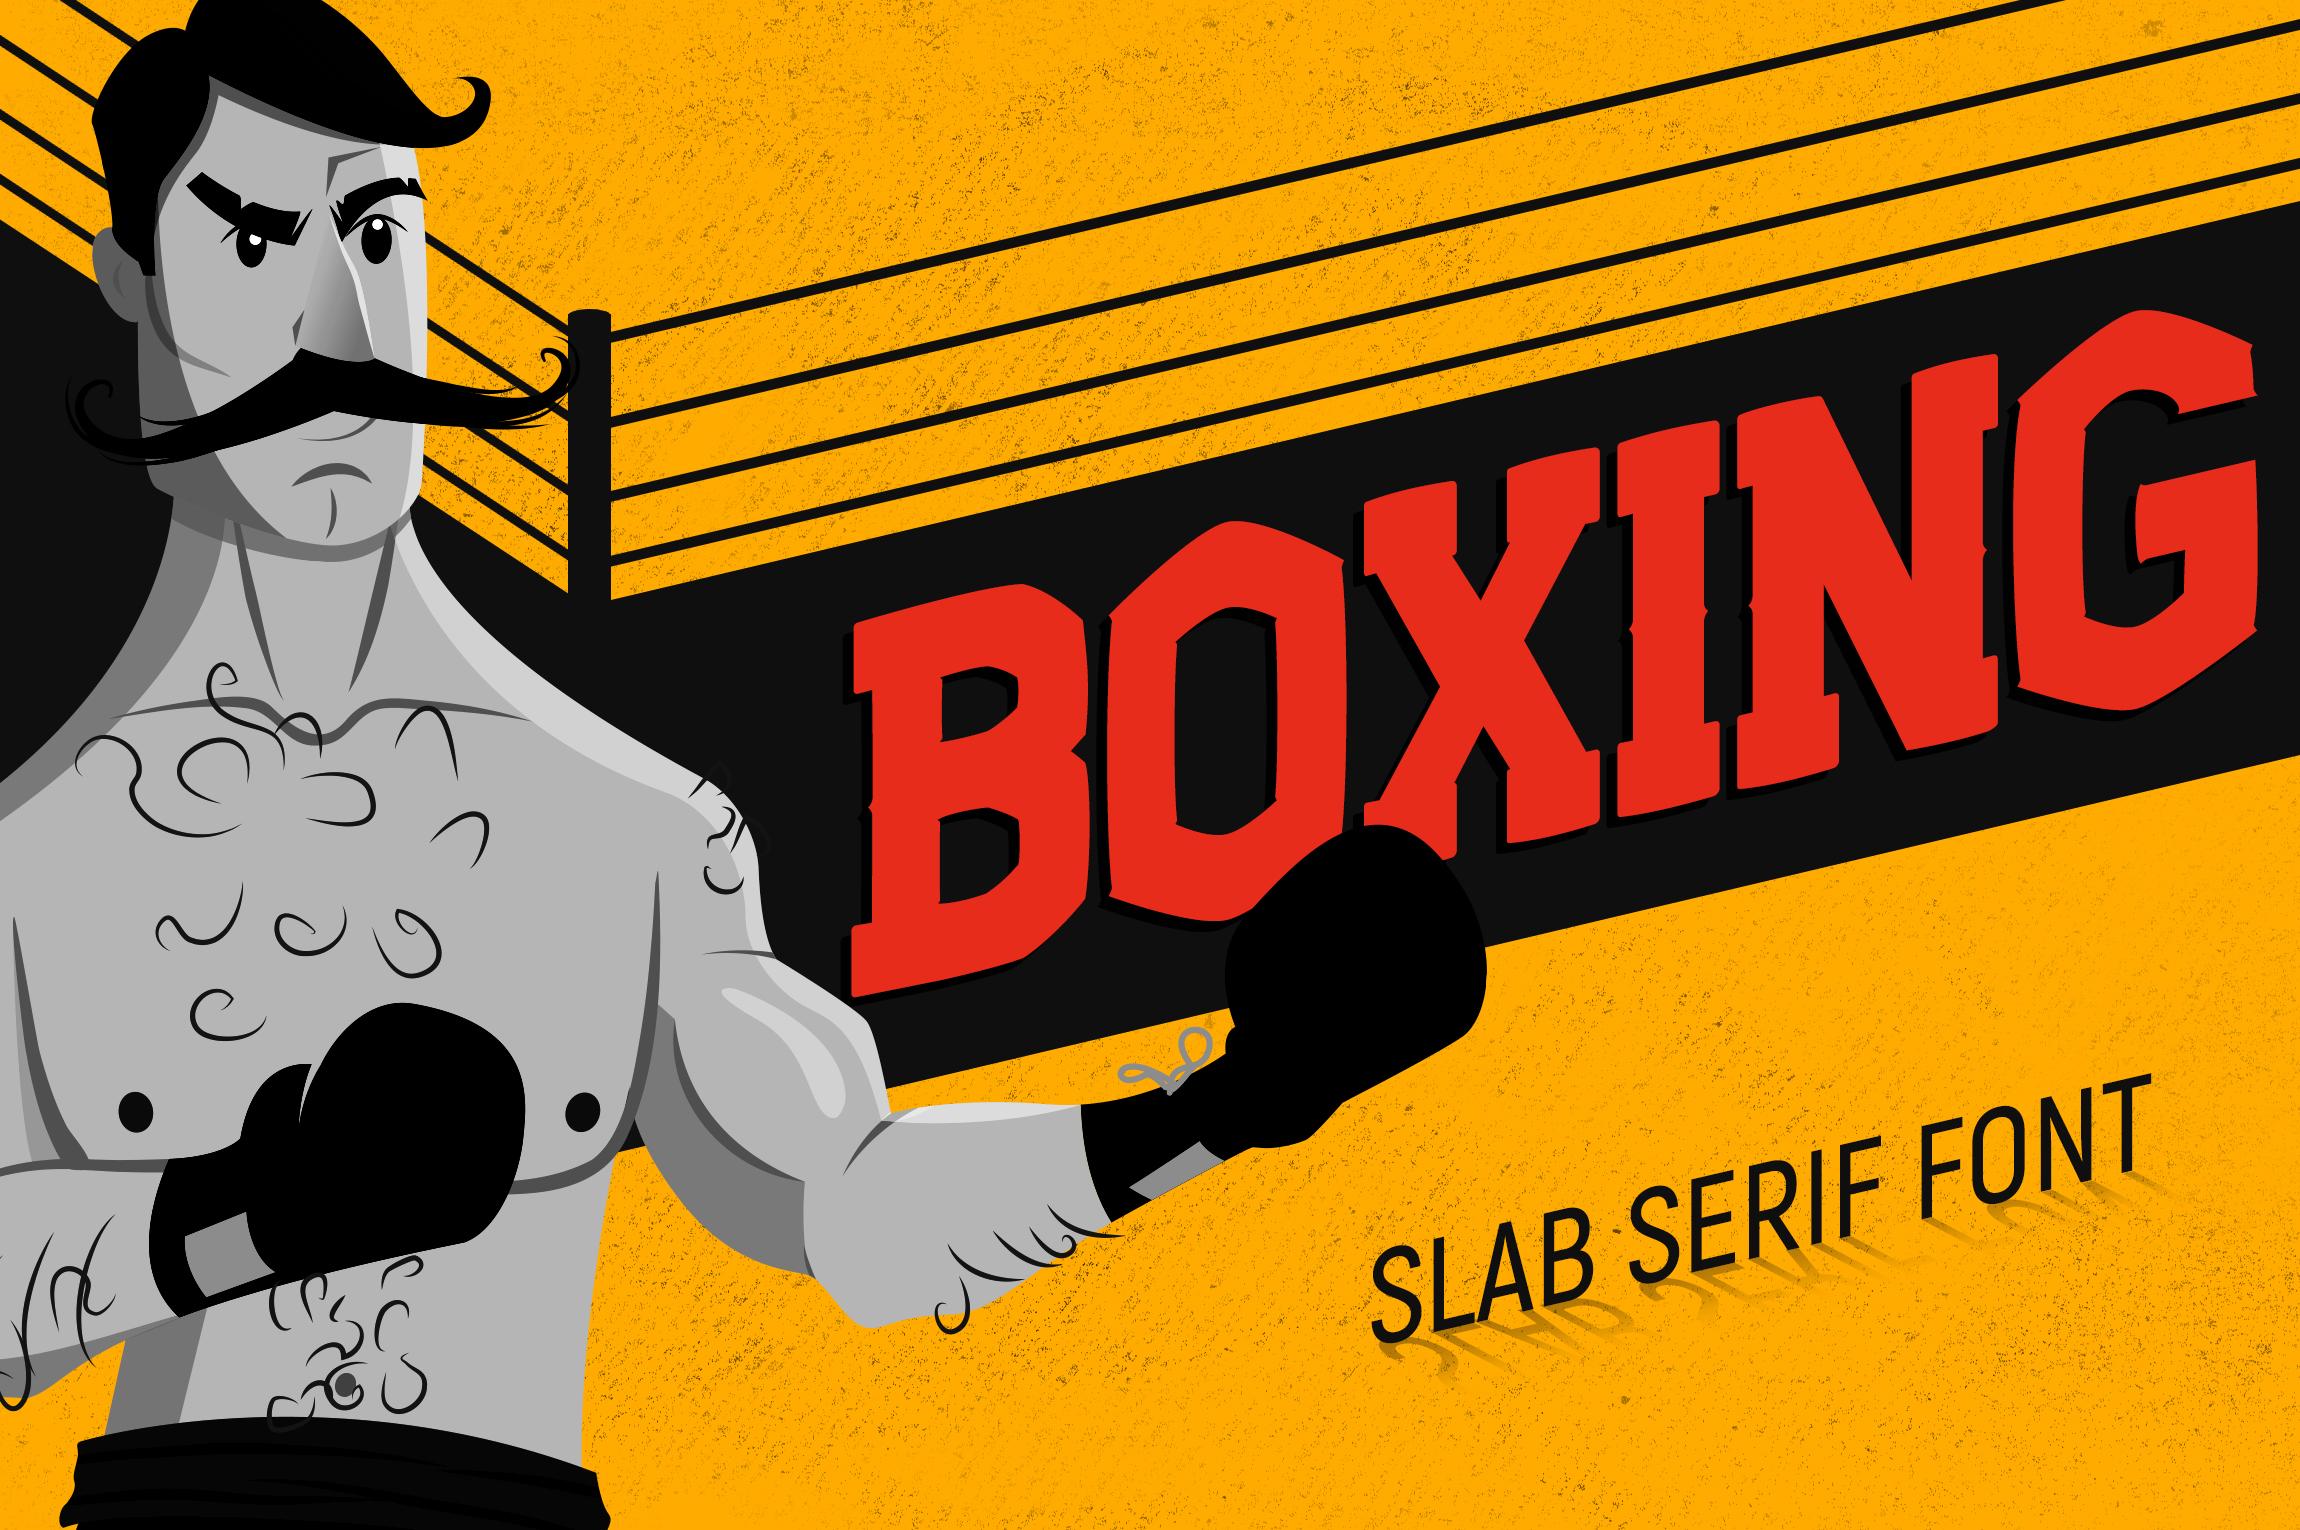 Boxing - Slab Serif Font example image 1